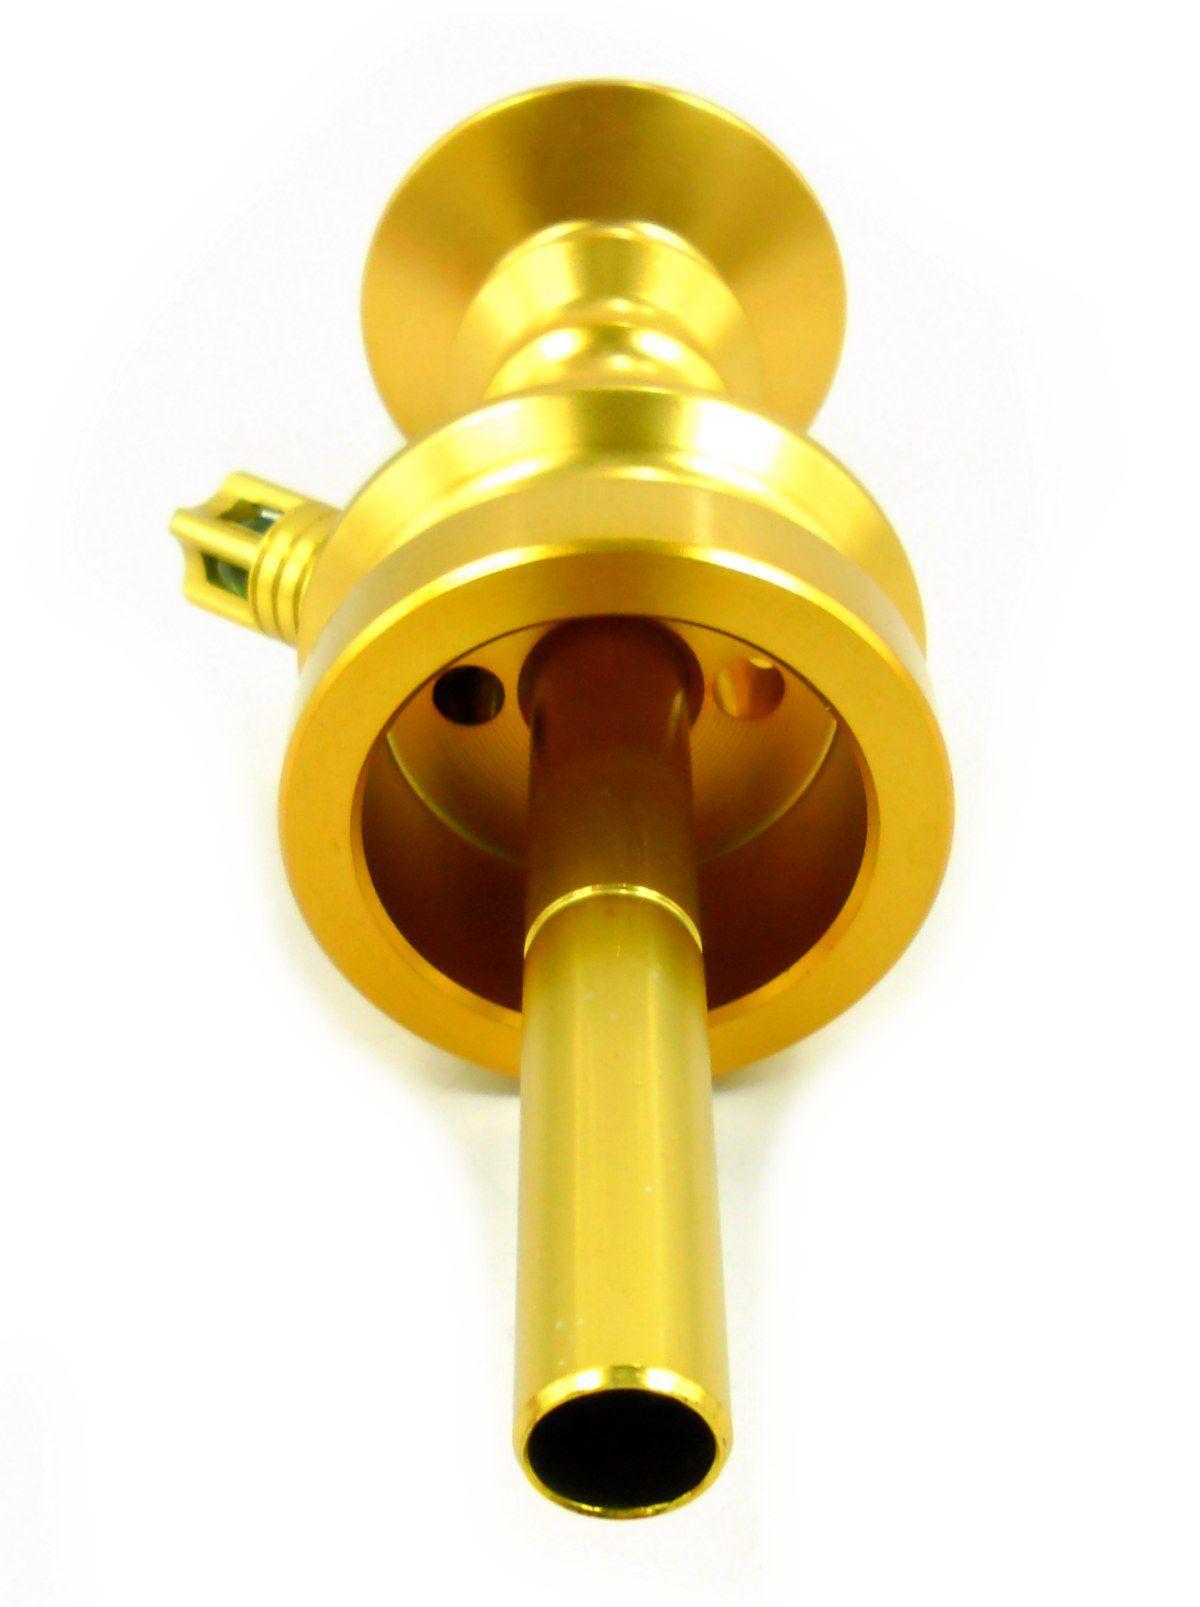 Stem (corpo de narguile) ANUBIS LITTLE MONSTER, em alumínio maciço, 22 cm. Dourado